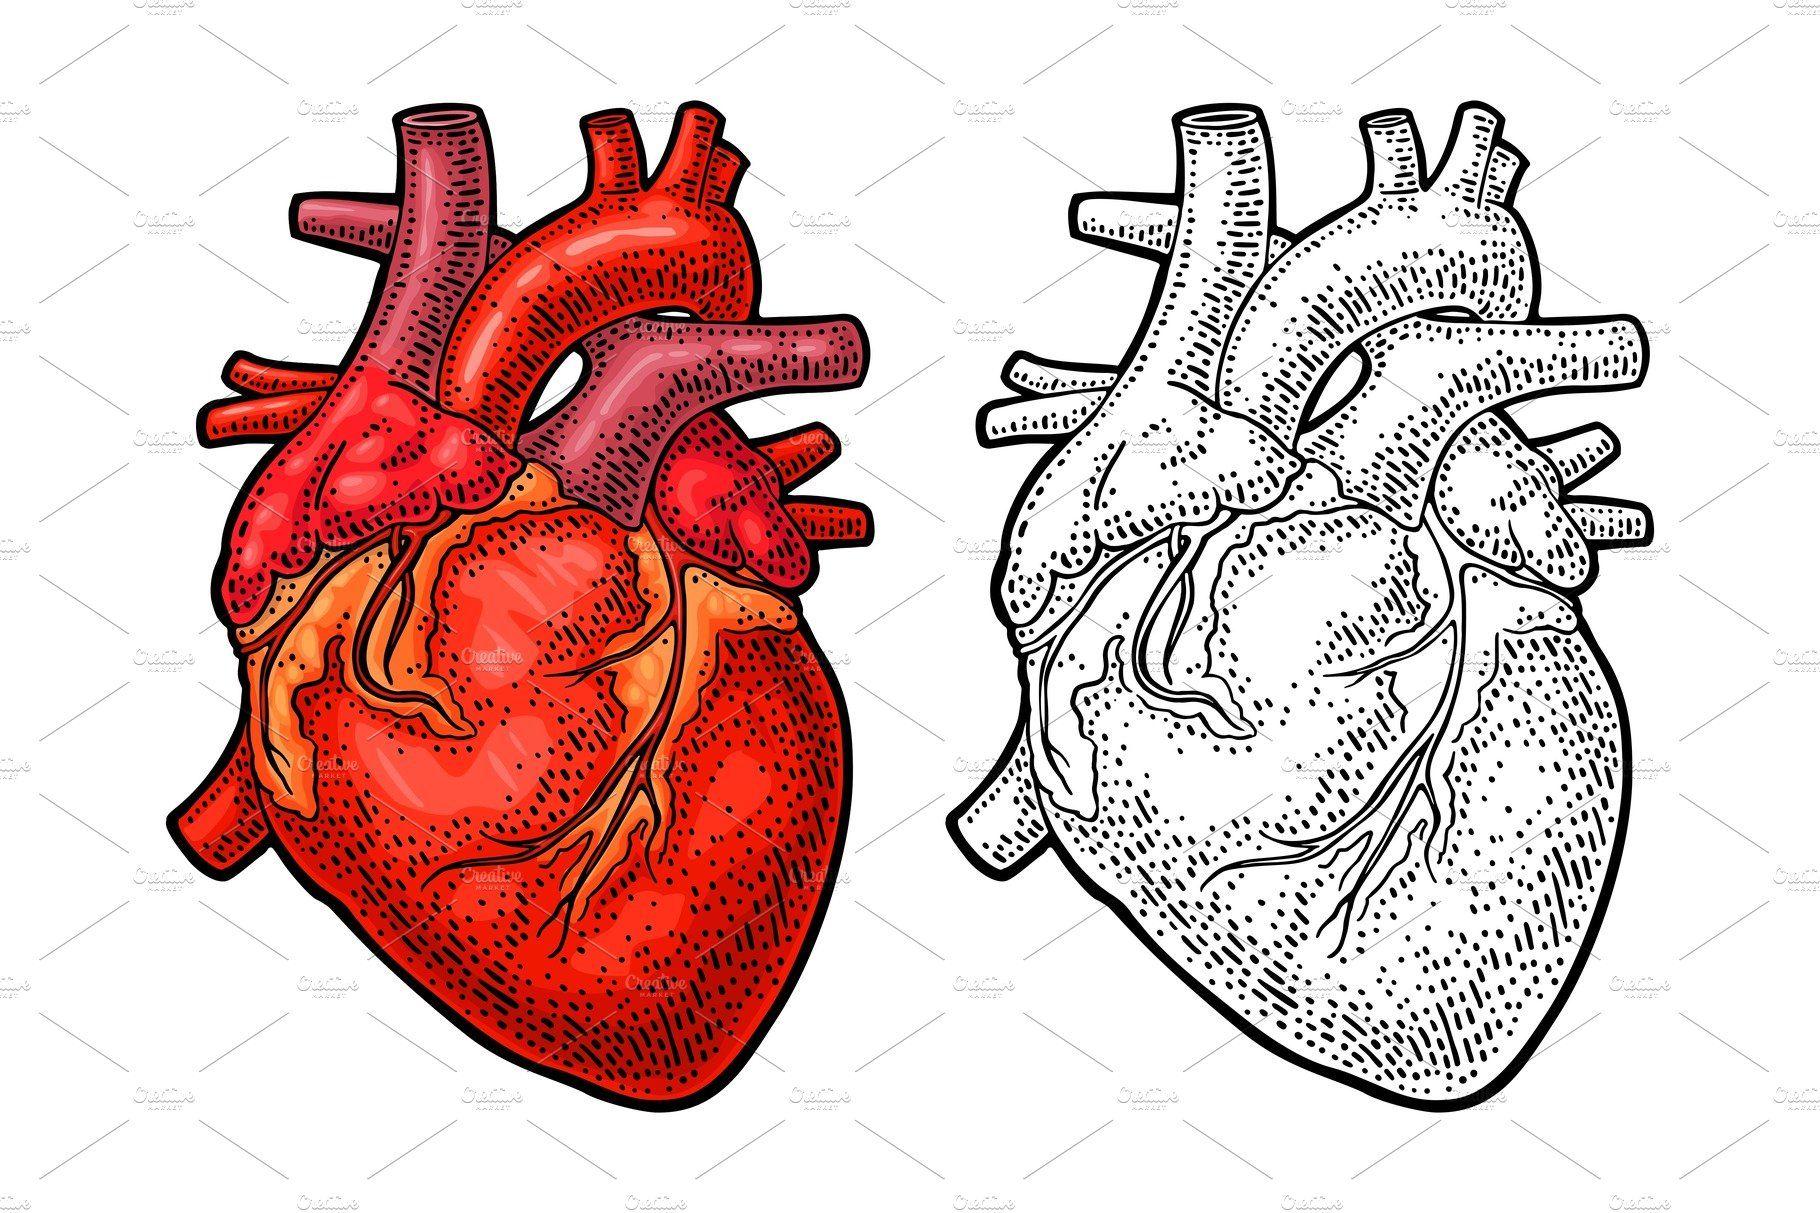 Human Anatomy Heart Vector Color Human Heart Drawing Engraving Illustration Human Anatomy Drawing